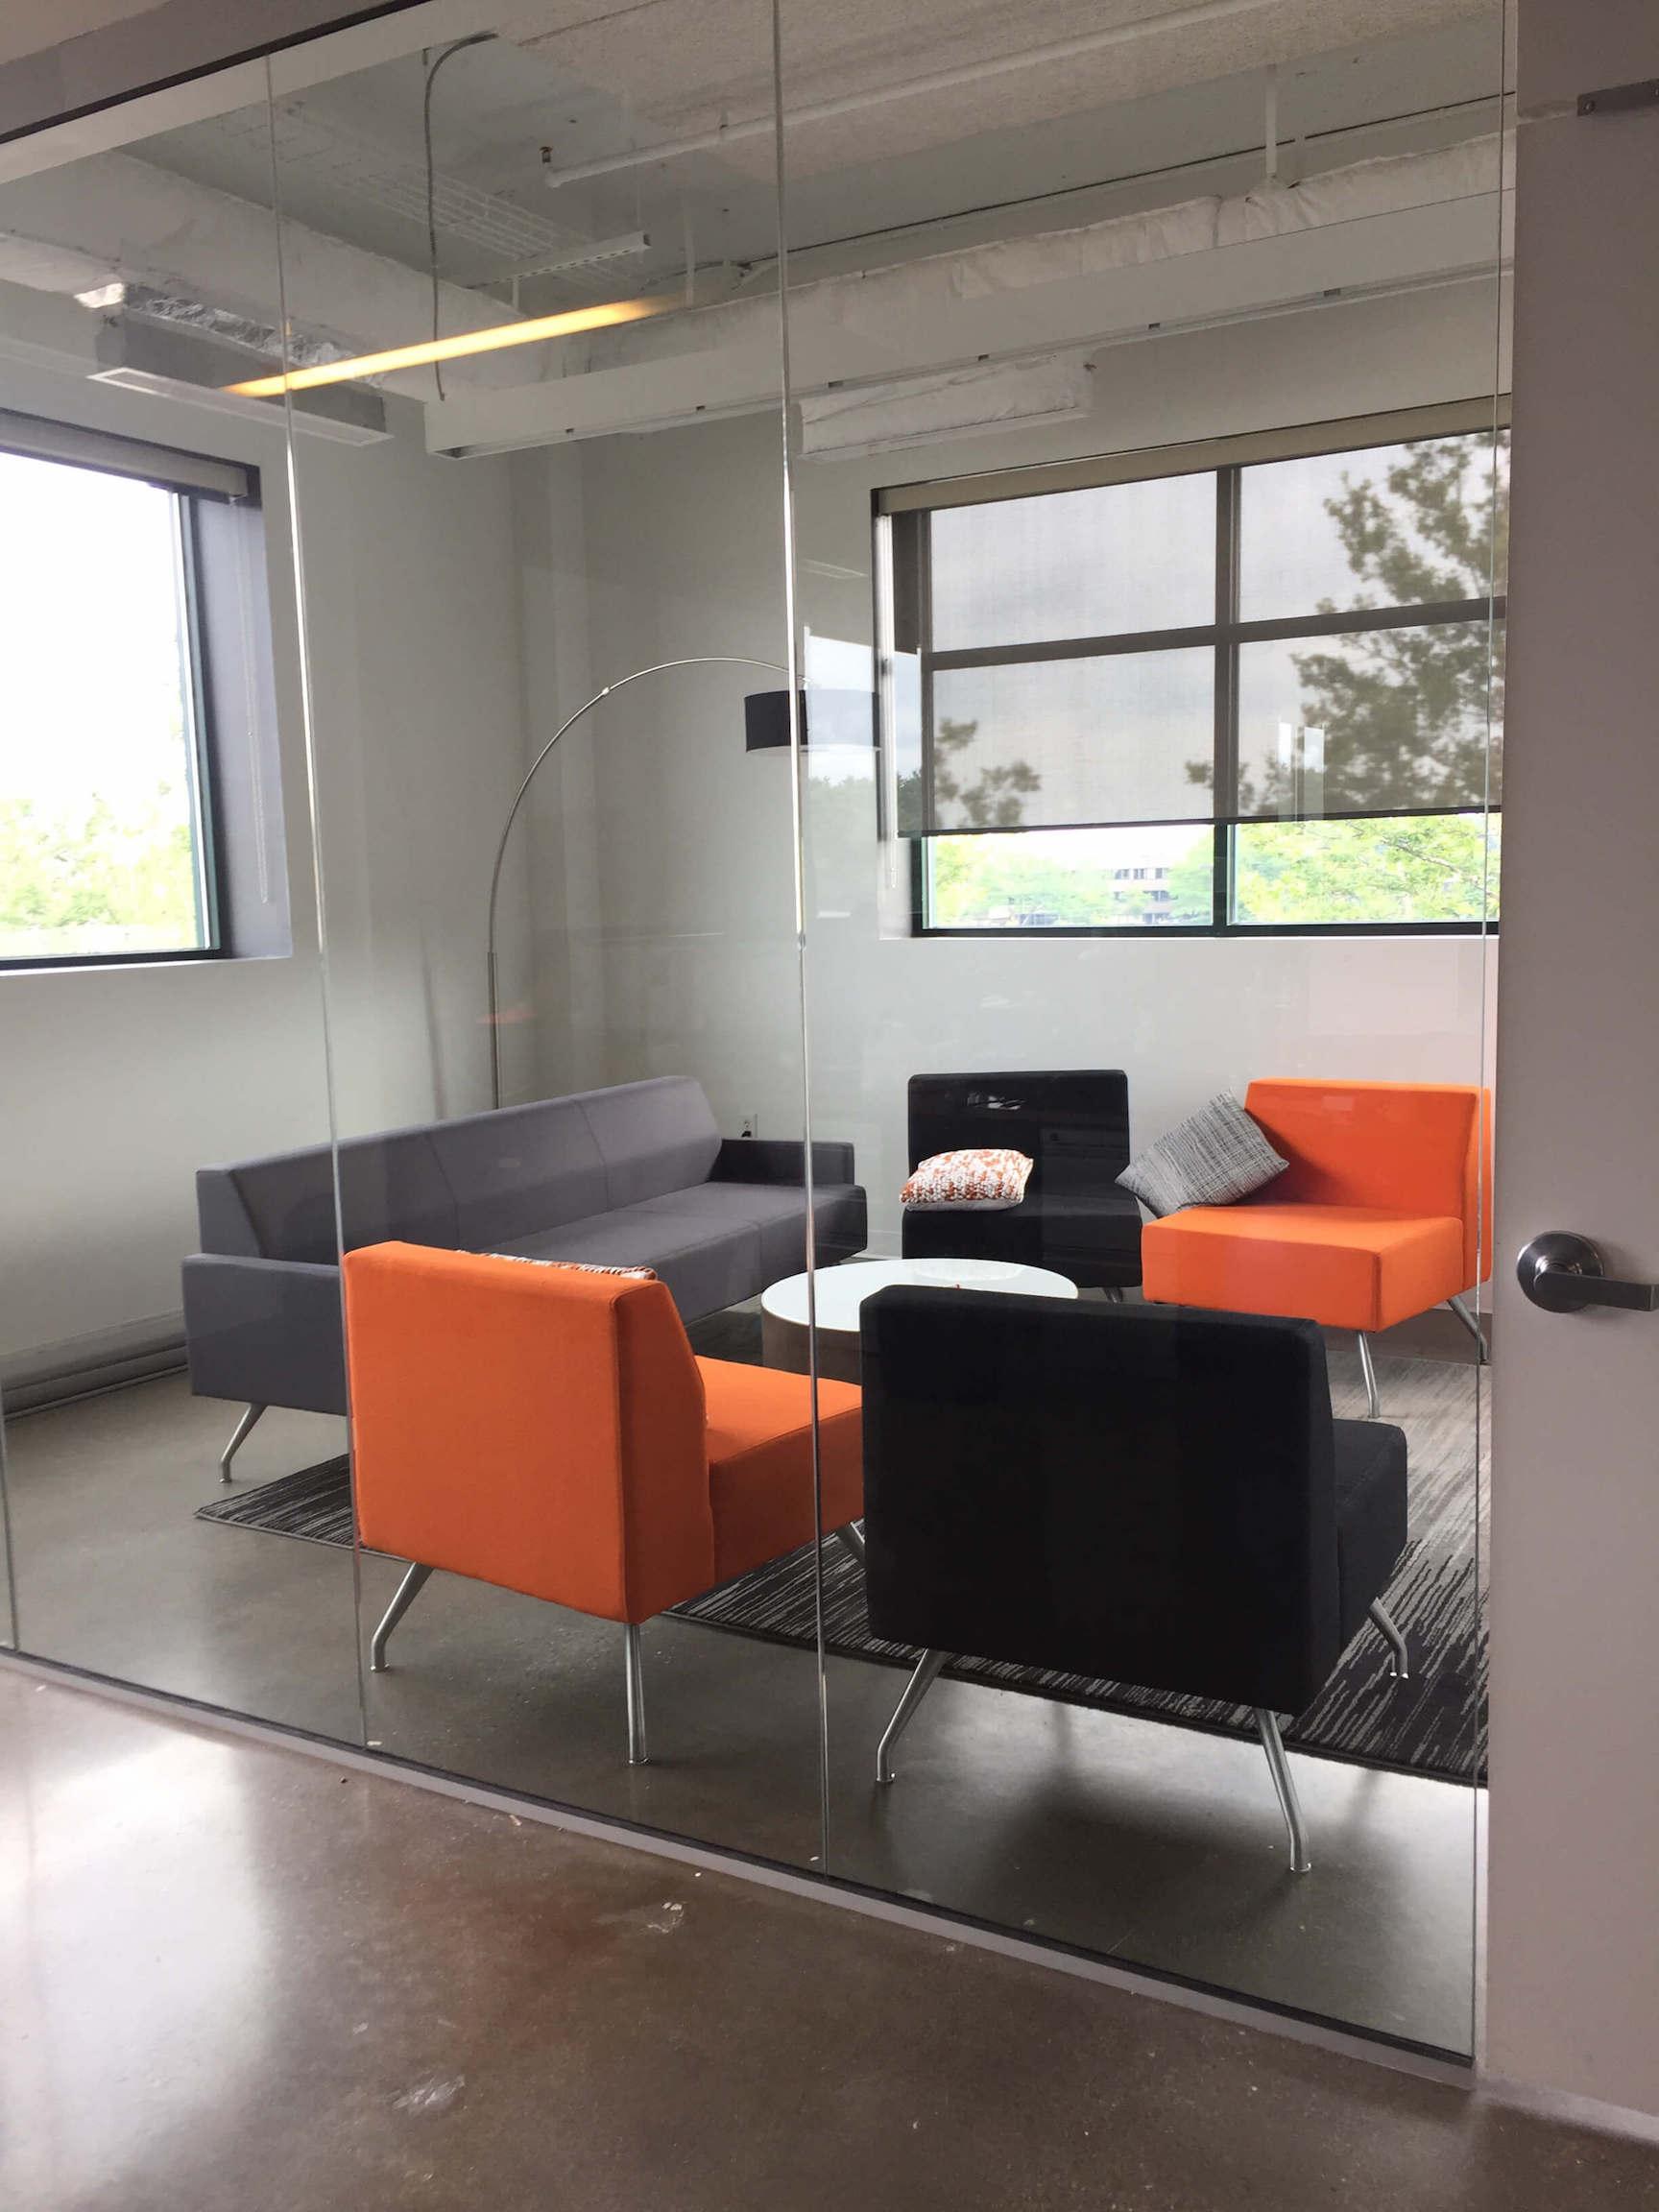 Imagem do escritório